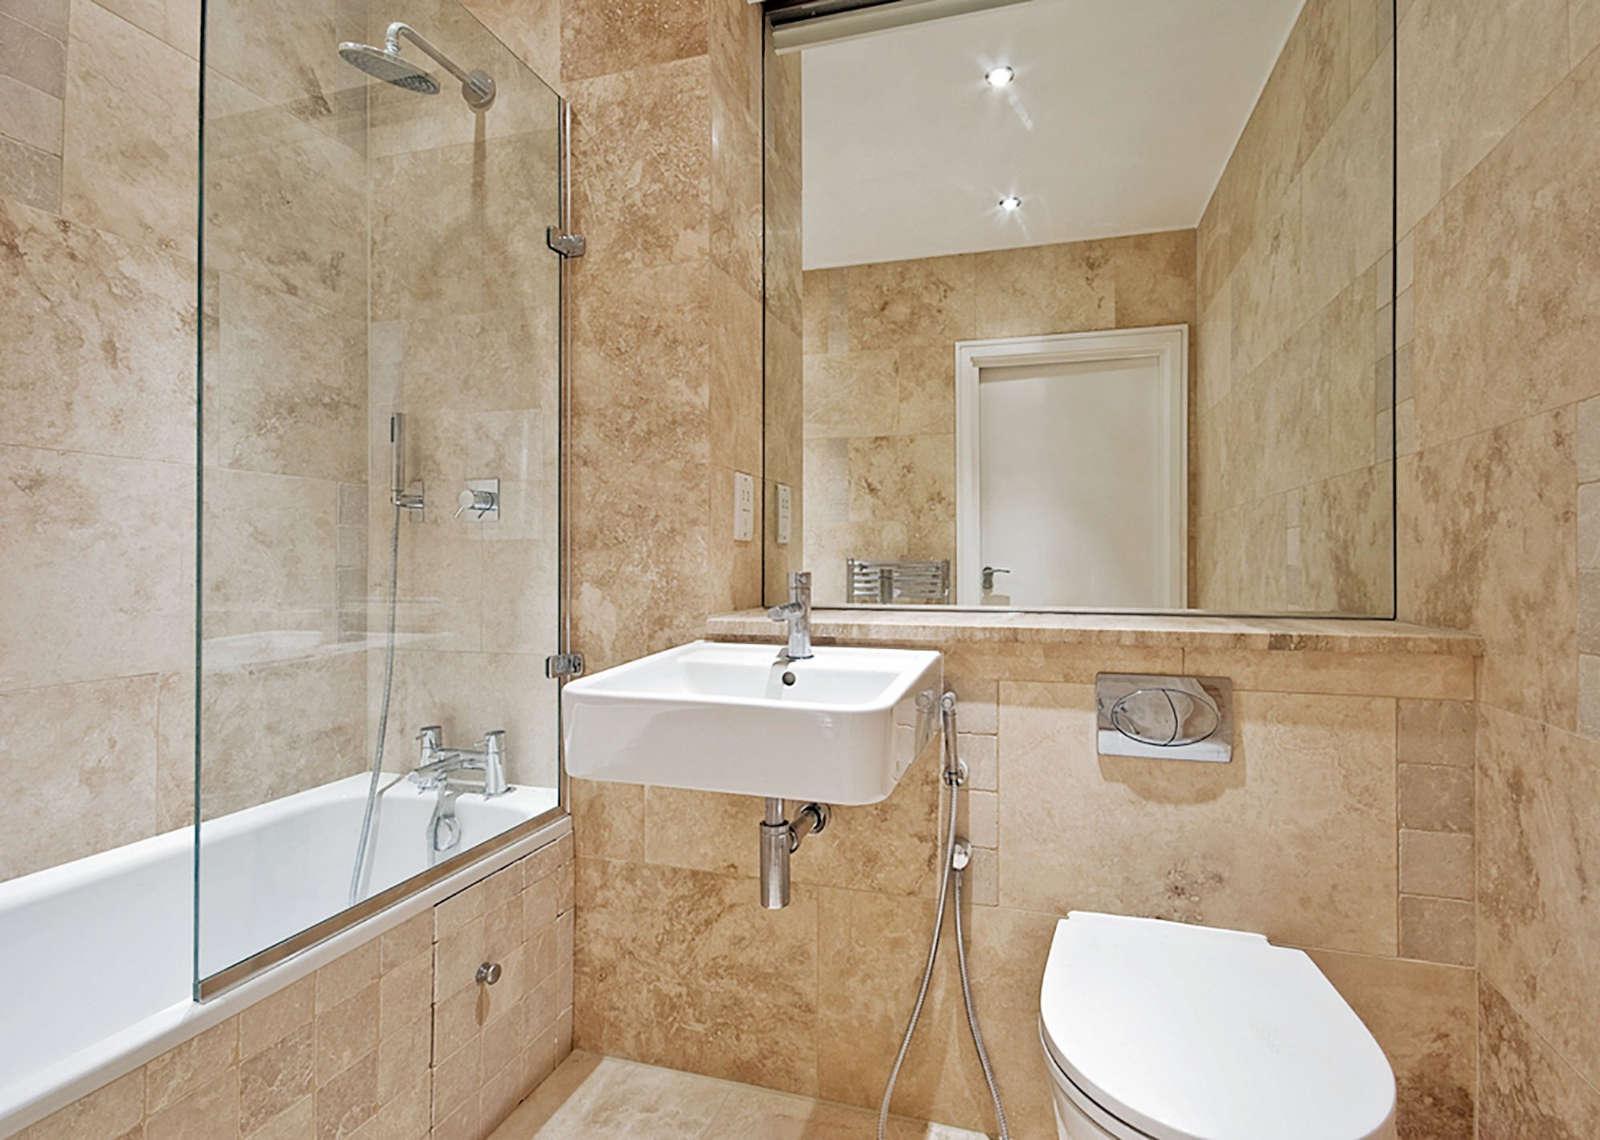 Pietra naturale e ricostruita origine pietra for Arredo bagno classico elegante prezzi